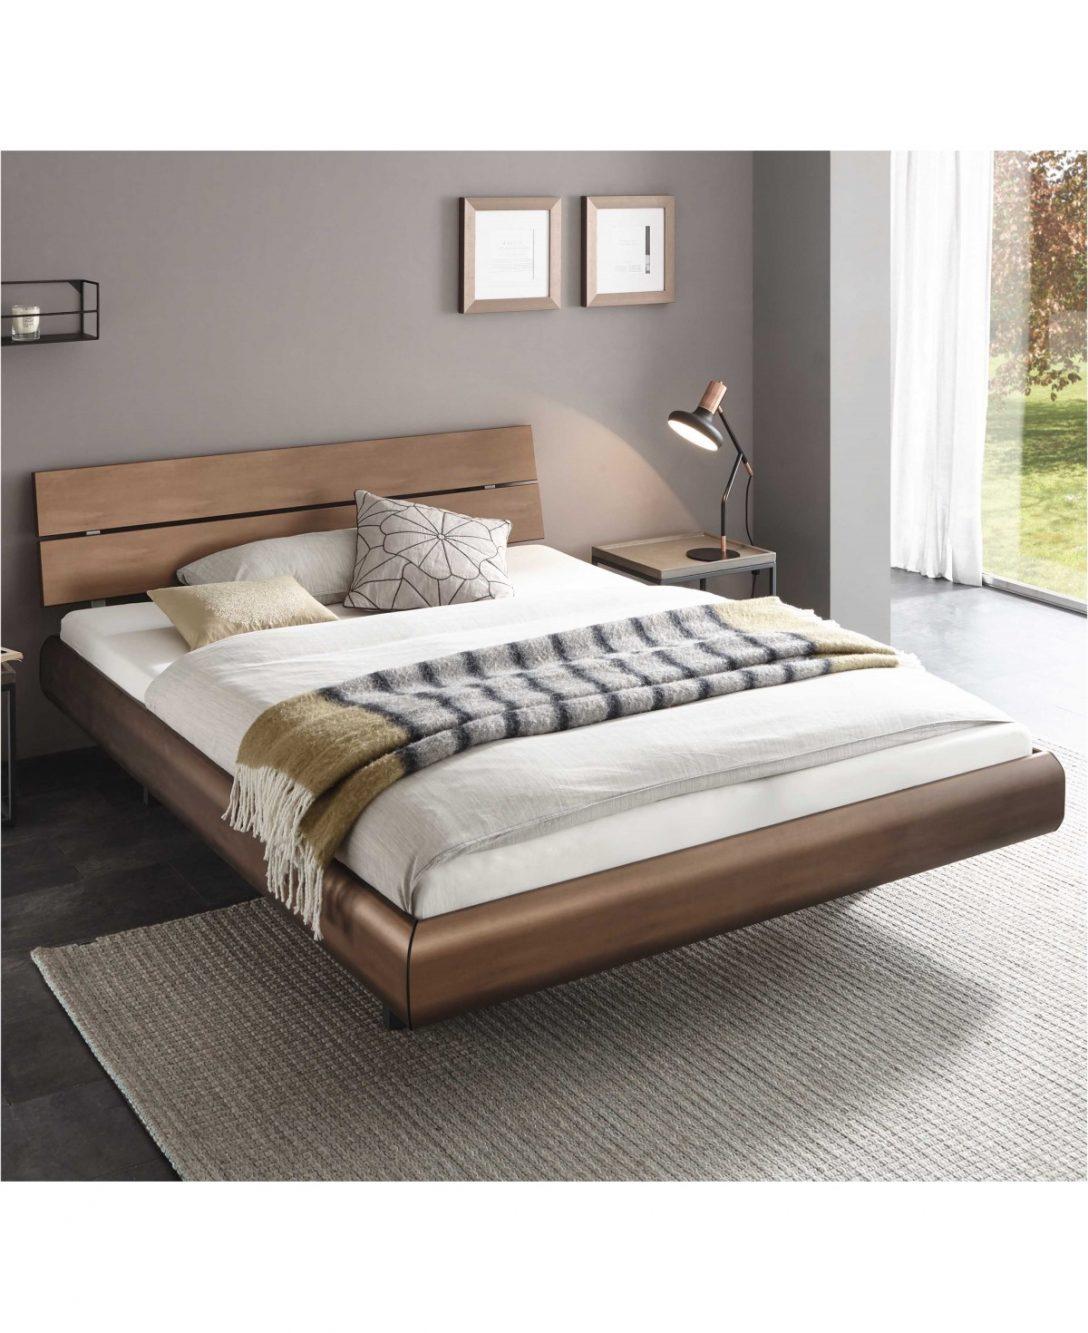 Full Size of Betten 200x220 5d5735587588b Hohe Gnstig Kaufen Berlnge Ruf Coole Preise Massiv überlänge Weiß 160x200 Hasena Balinesische Rauch 140x200 Bett Betten 200x220